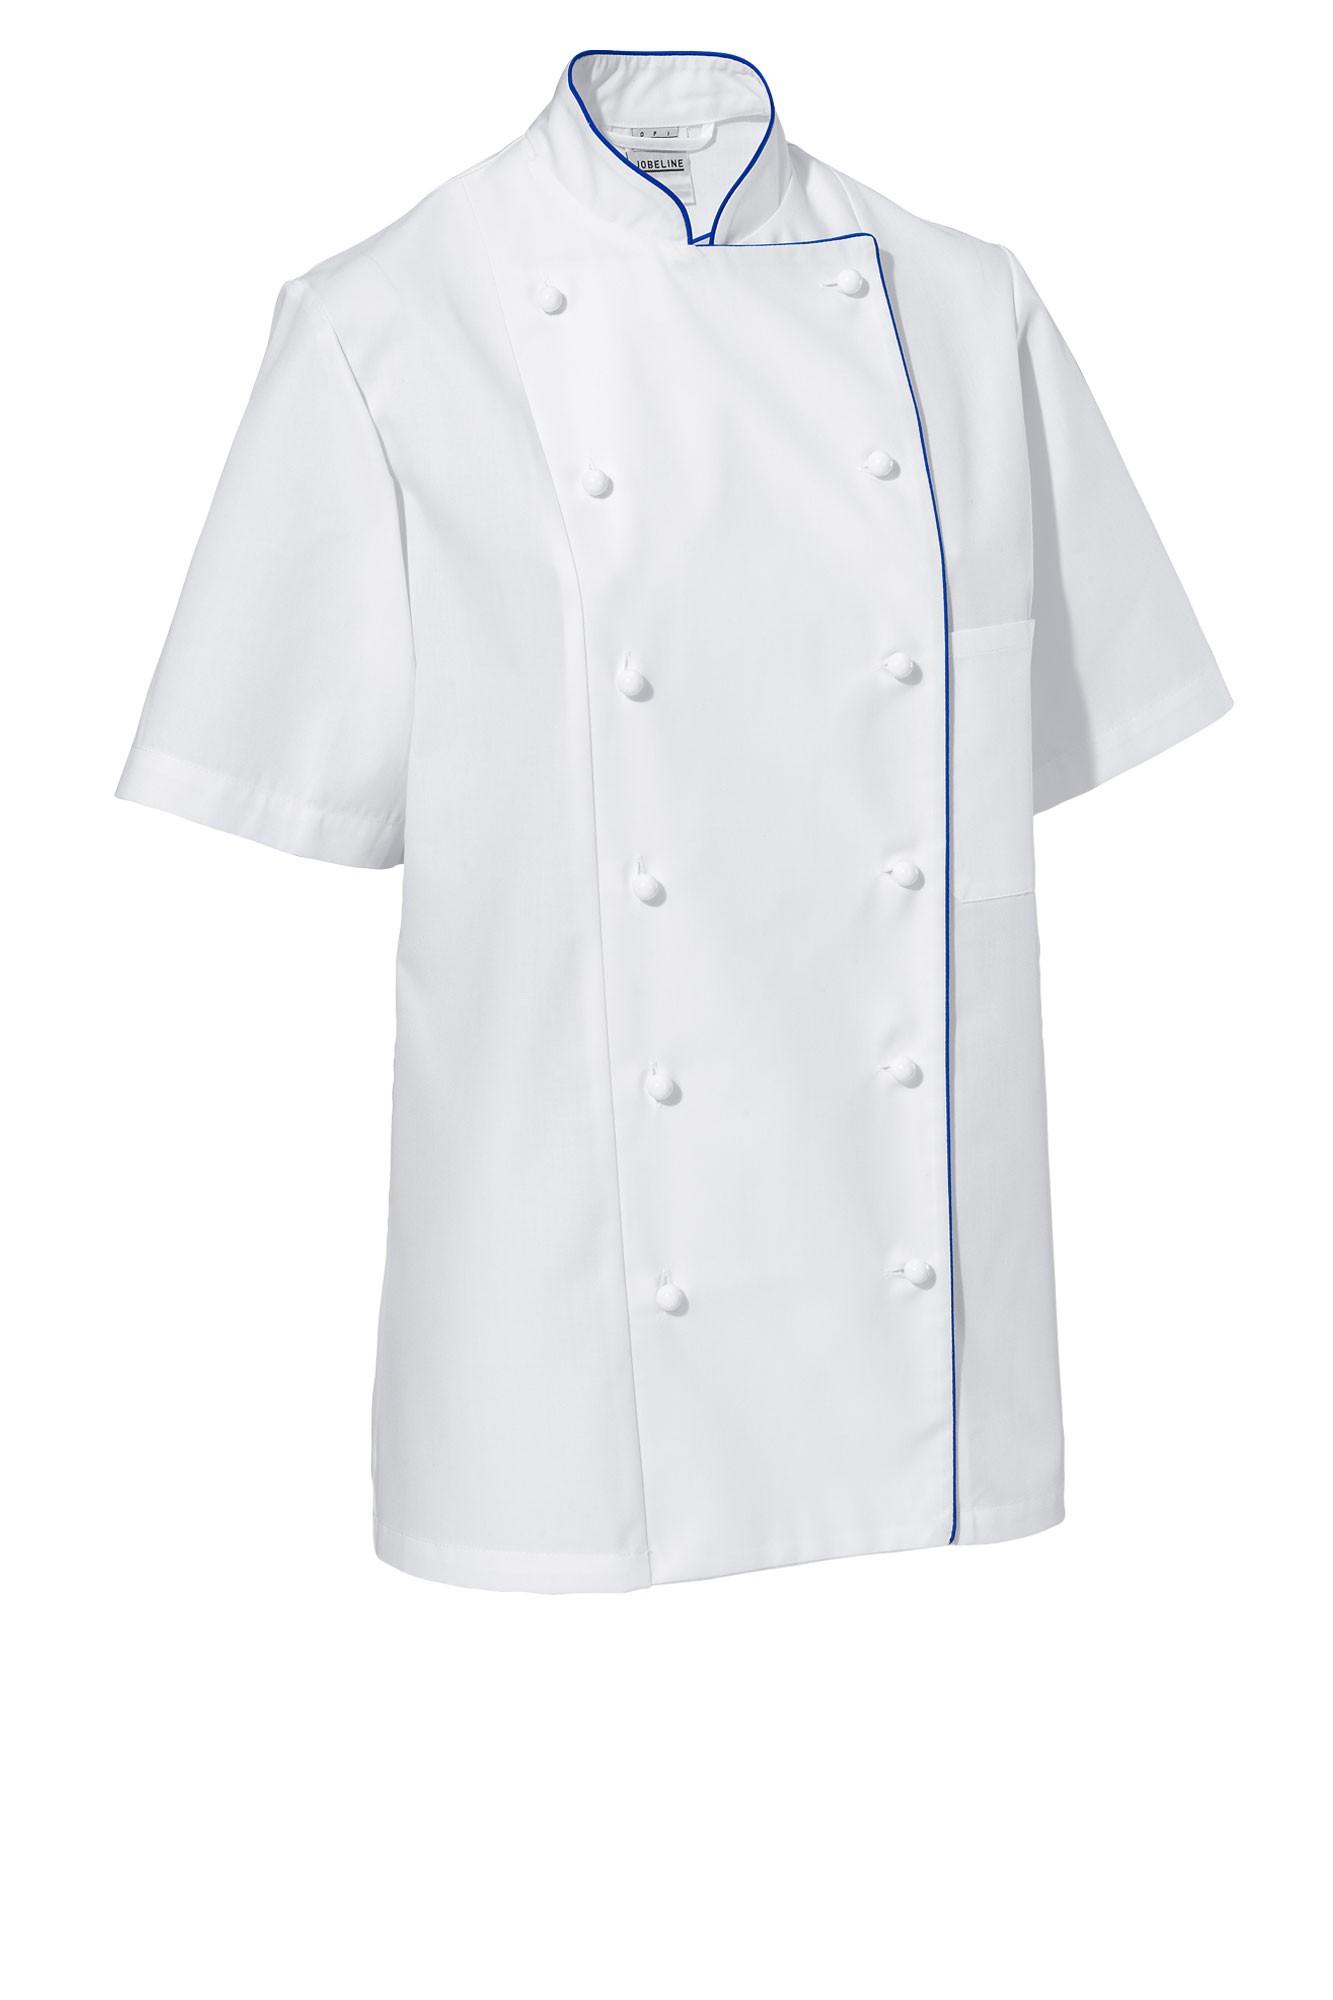 Rondon Aila - krátký rukáv - bílá/modré lemování